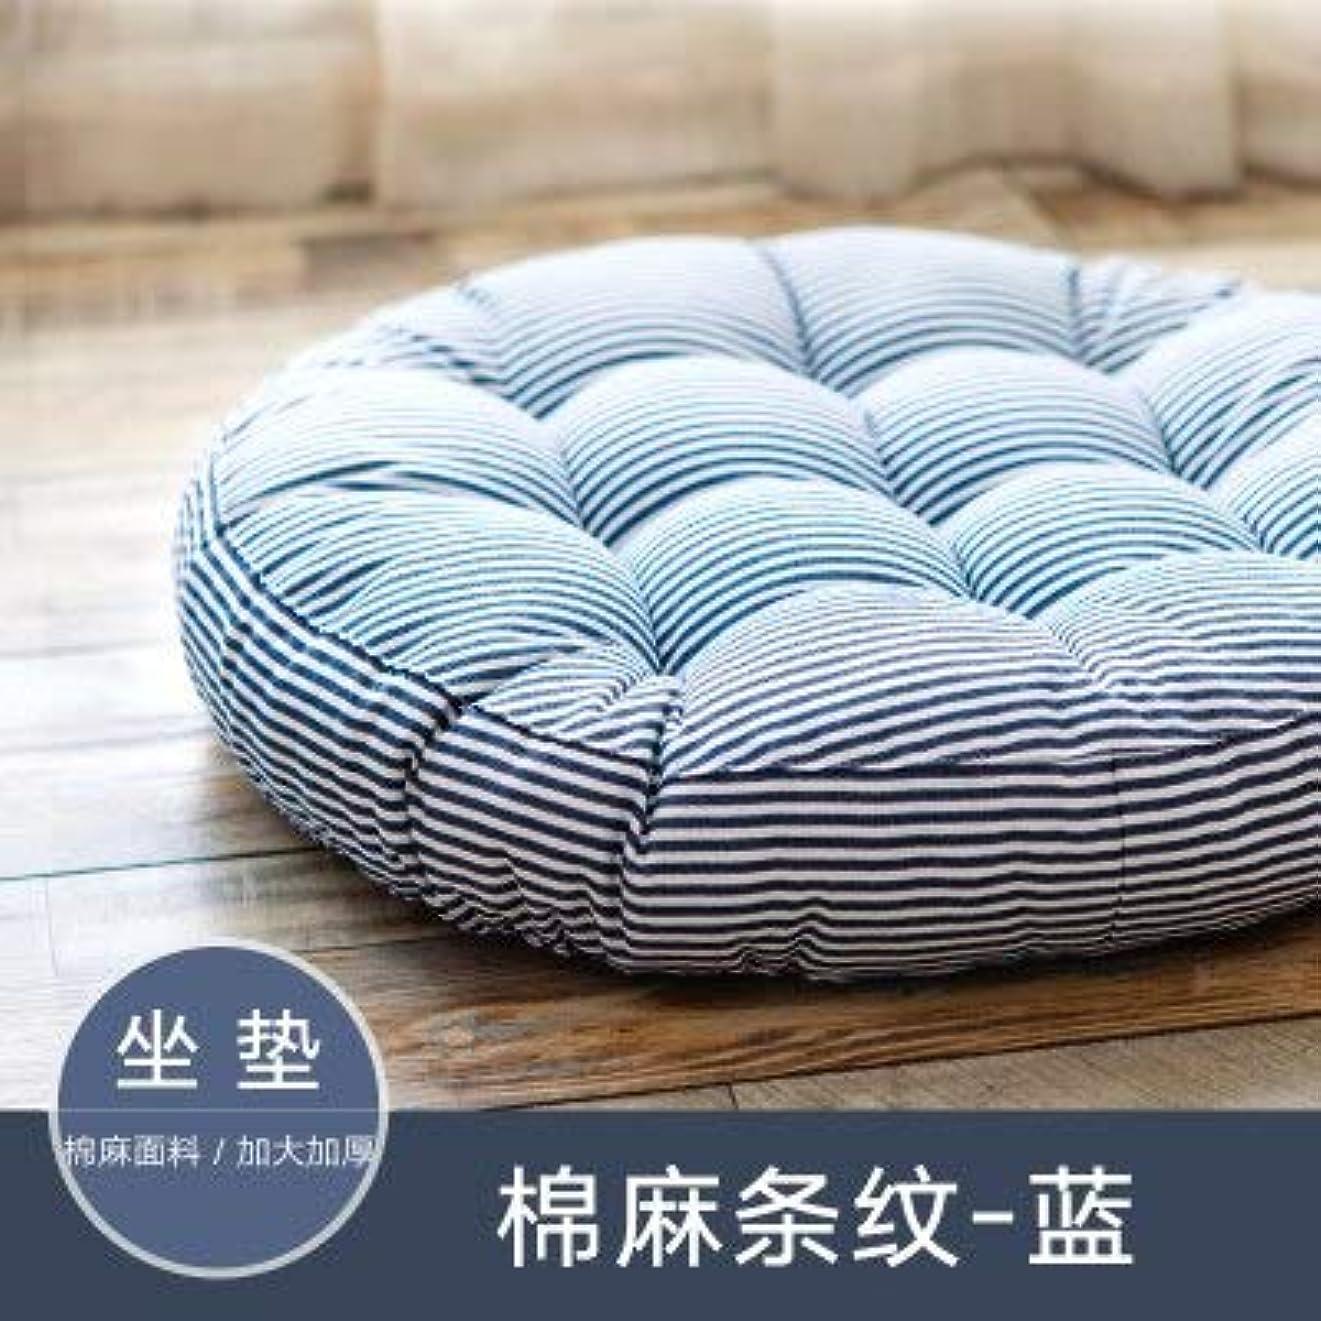 シンポジウム隠された依存するLIFE ラウンド厚い椅子のクッションフロアマットレスシートパッドソフトホームオフィスチェアクッションマットソフトスロー枕最高品質の床クッション クッション 椅子